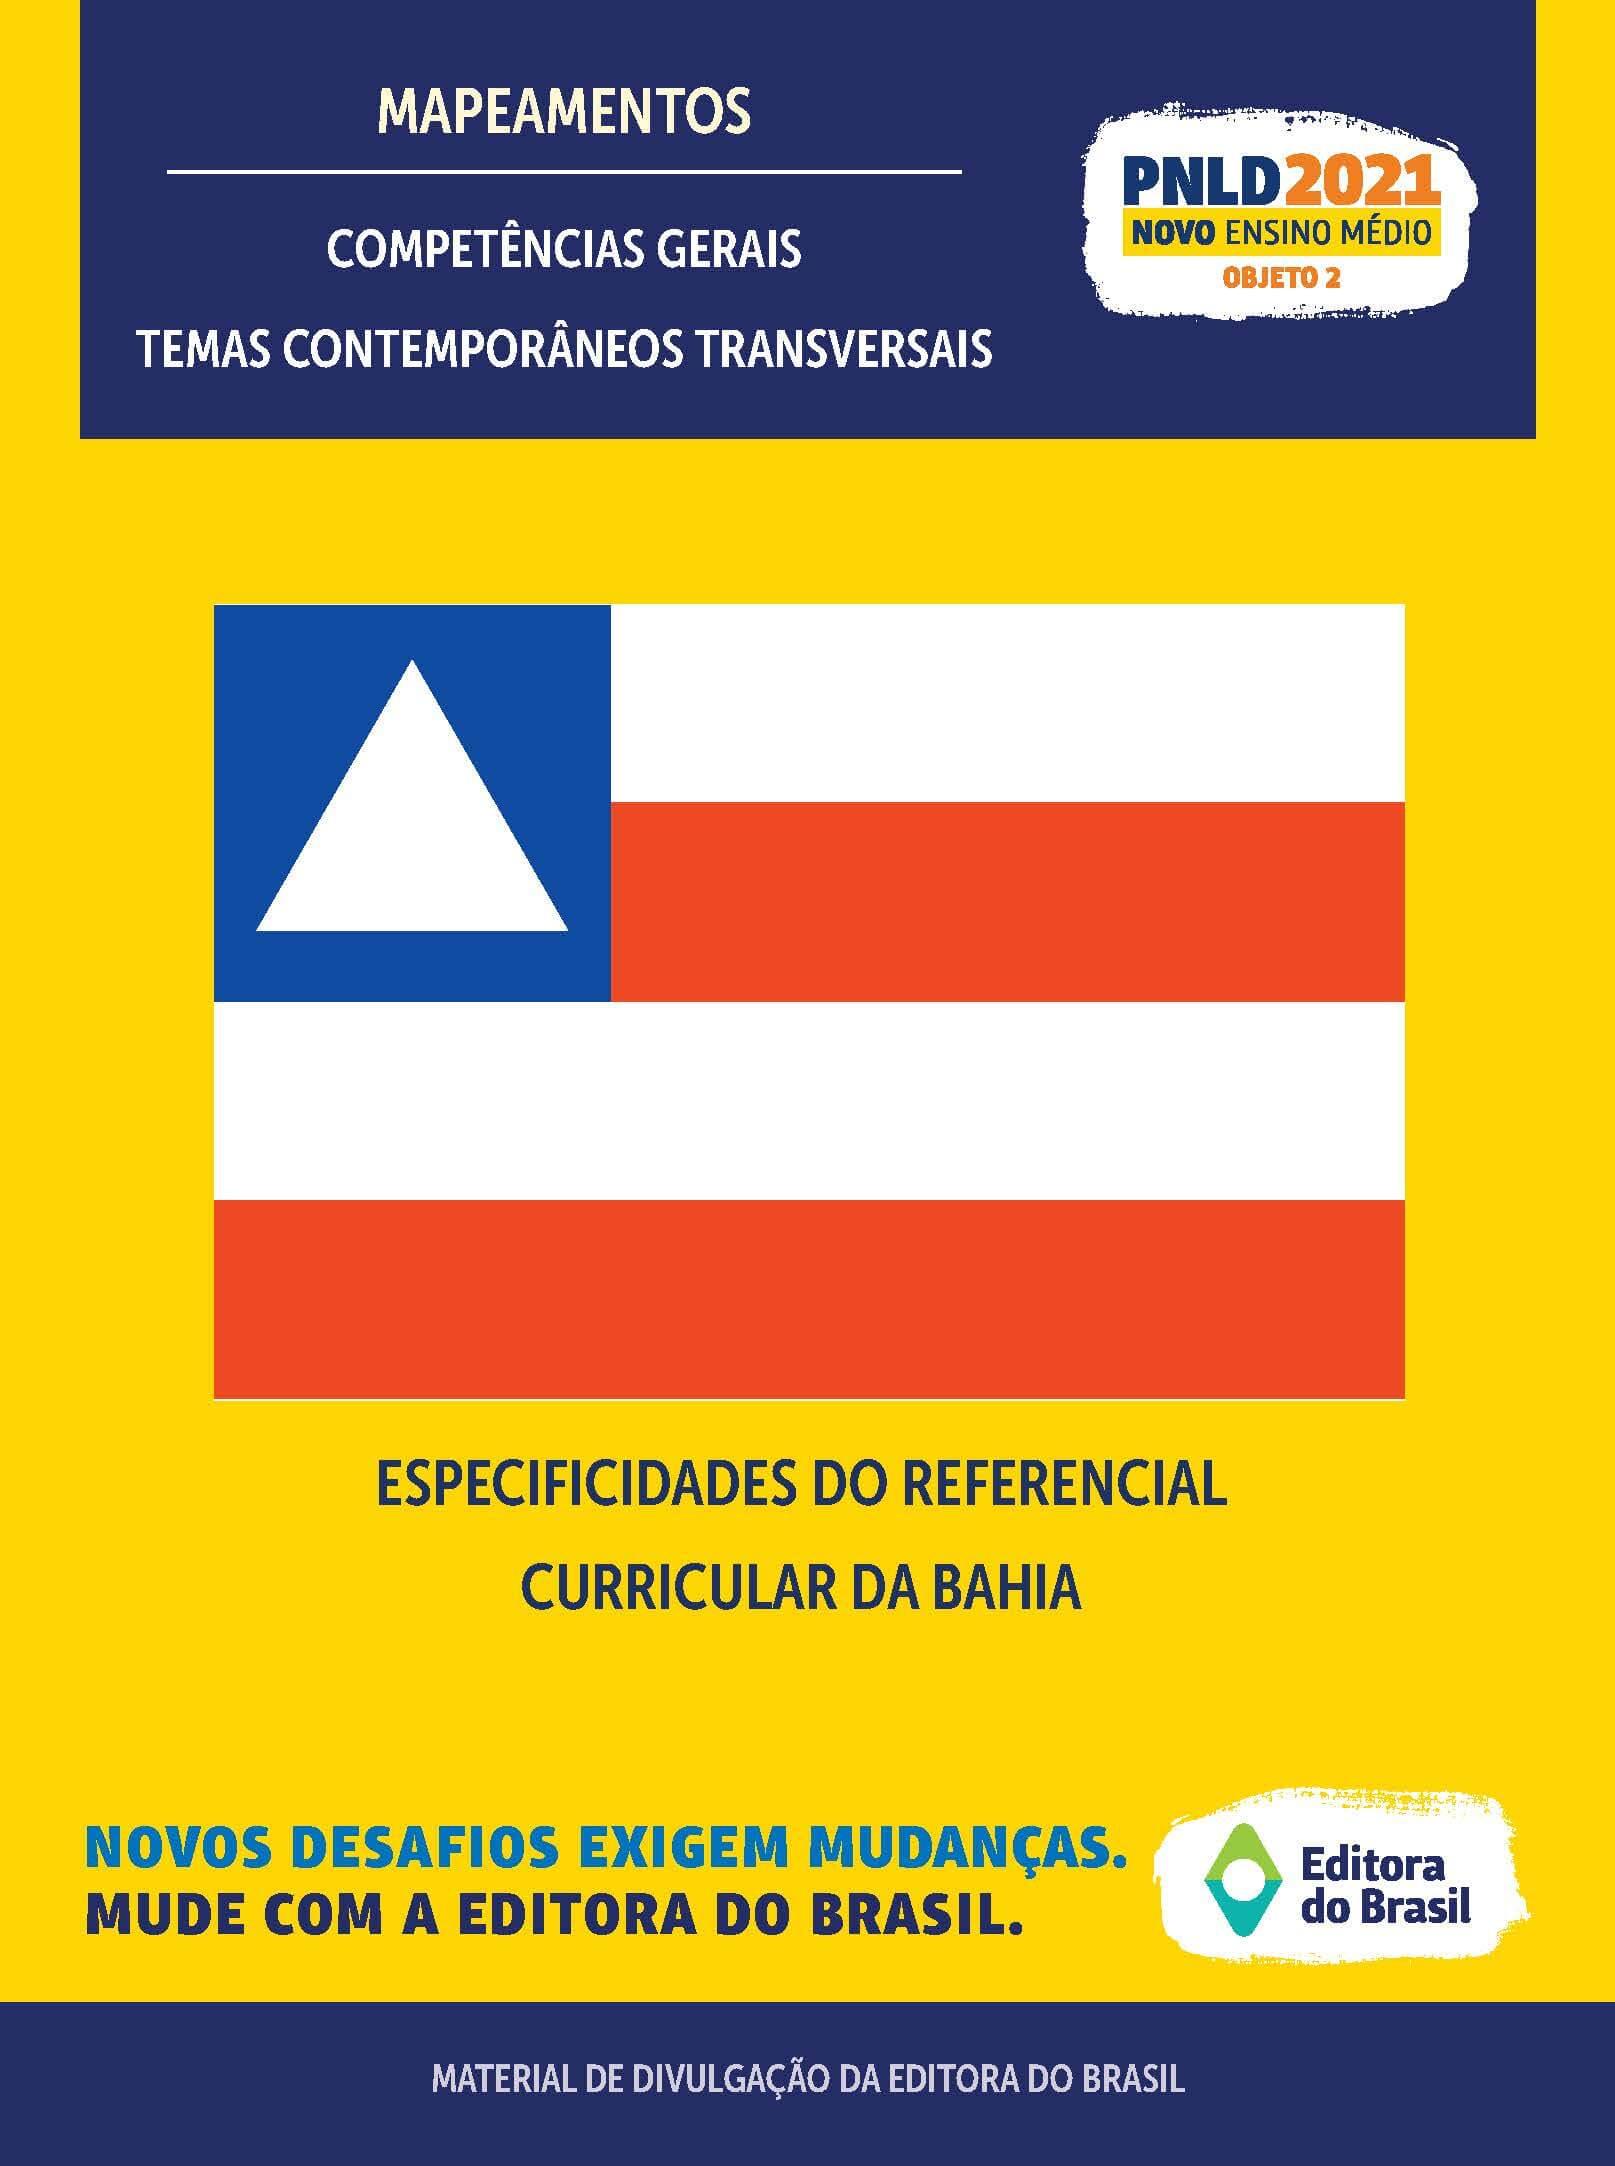 ESPECIFICIDADES DO REFERENCIAL CURRICULAR DA BAHIA